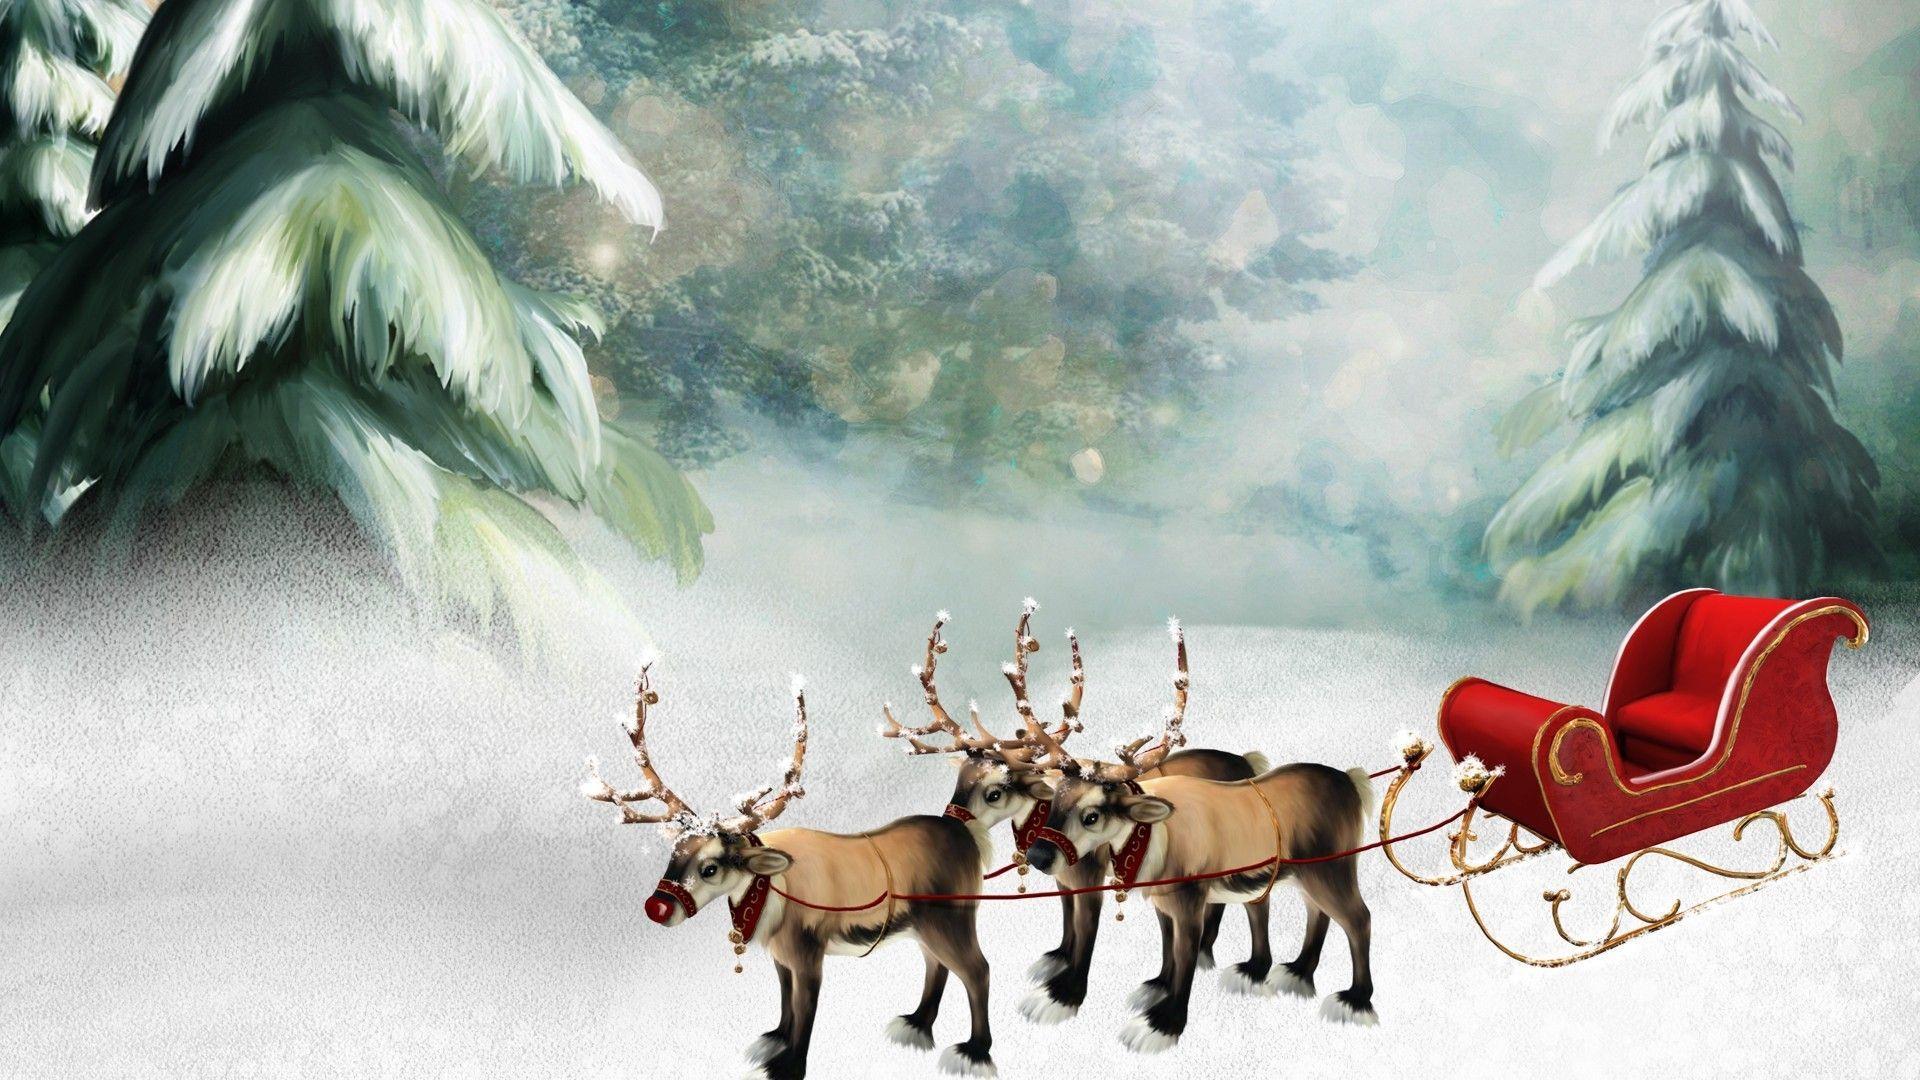 Картинки деда мороза в санях с оленями, опять работу понедельник